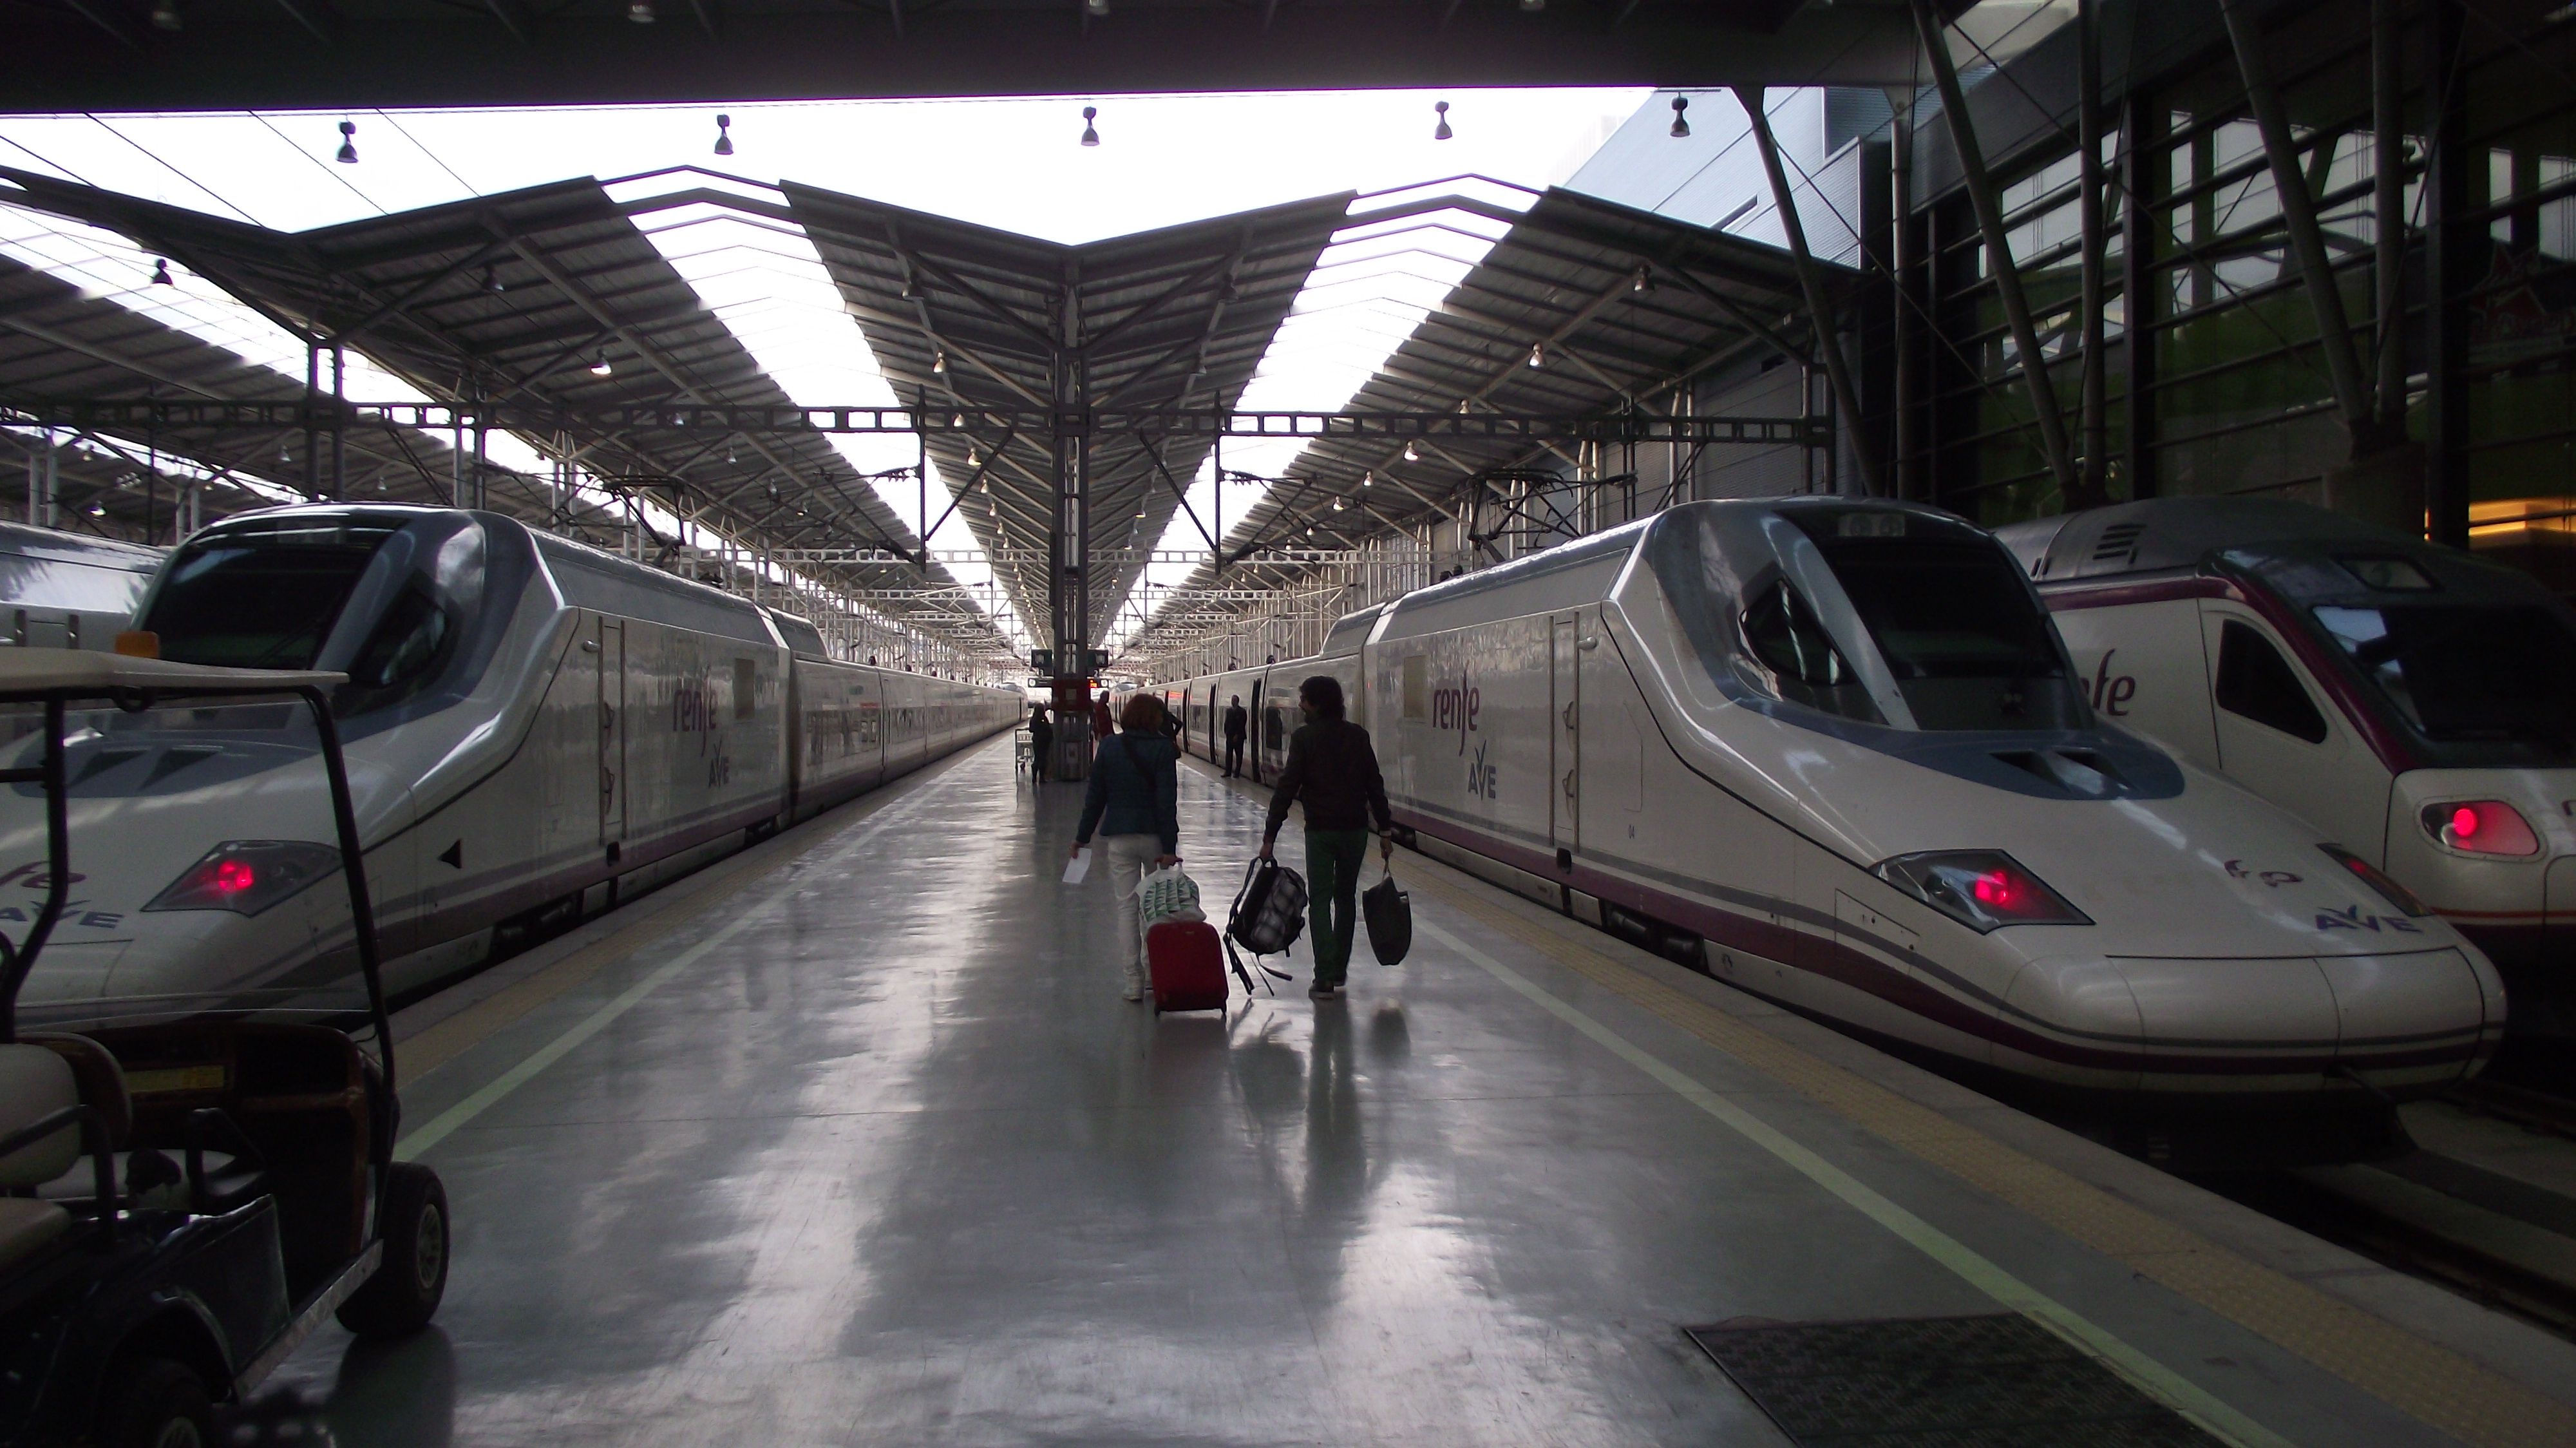 Parking estacion tren María Zambrano - Málaga.jpg